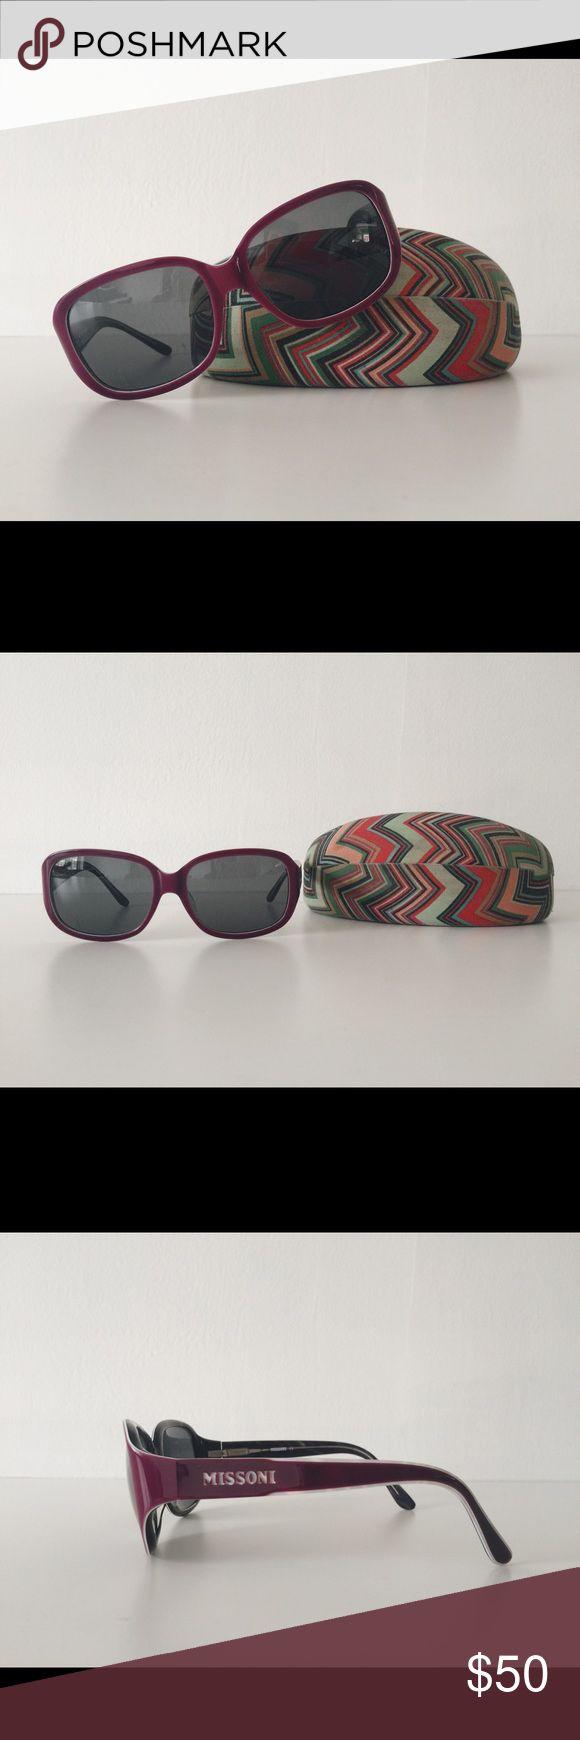 Missoni Sunglasses Missoni sunglasses in EUC. Comes with case. Missoni Accessories Sunglasses